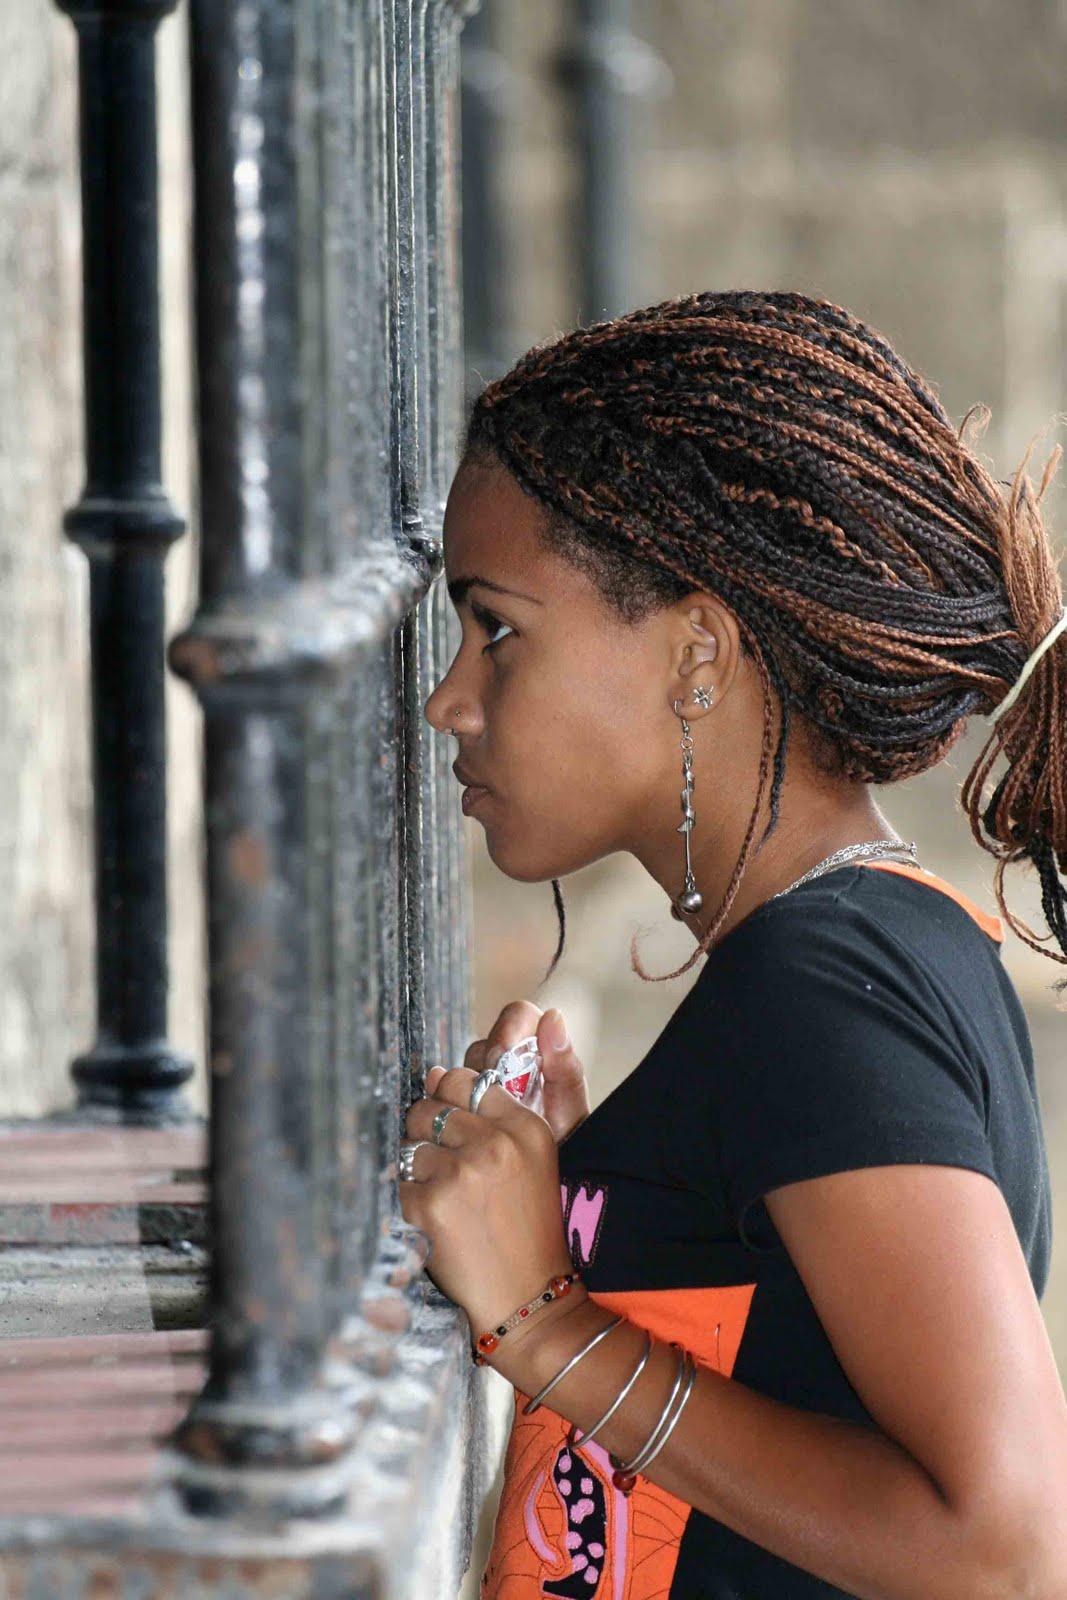 Mirando tras la reja de la ventana colonial.  Carlos Durá